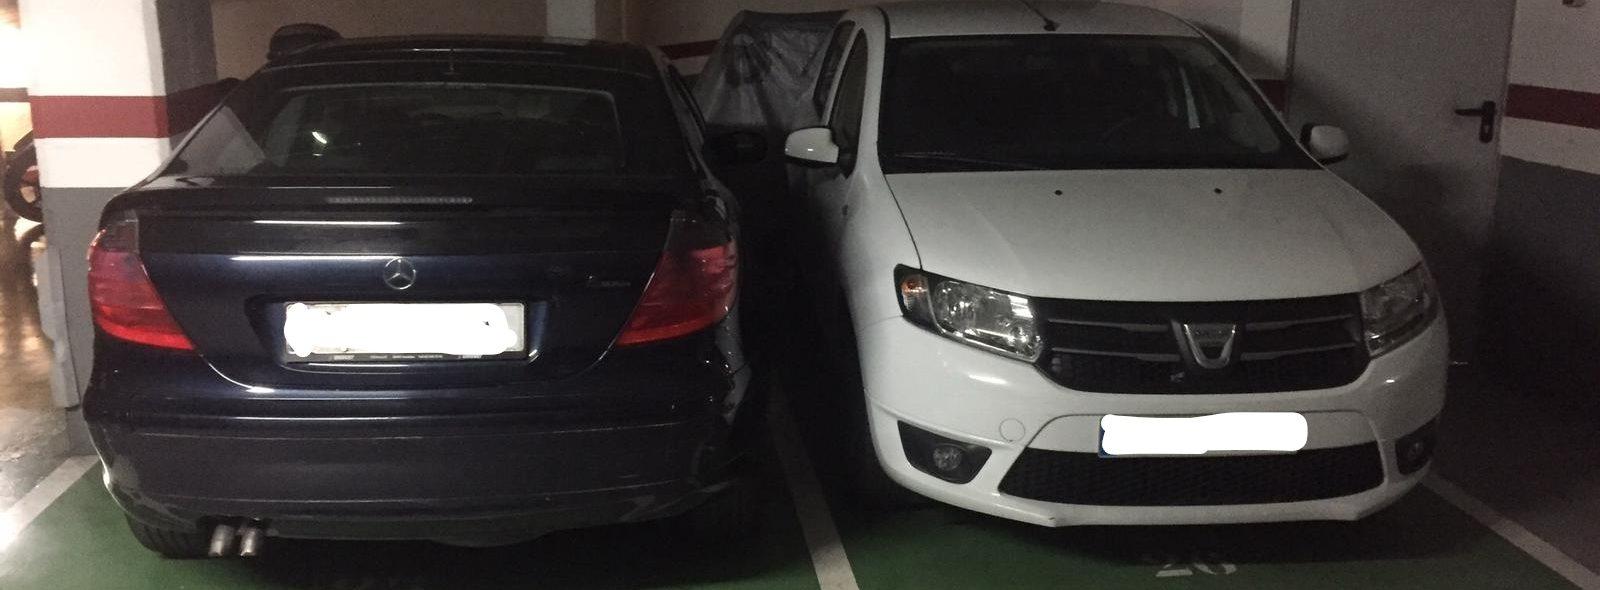 2×1 Plazas de parking